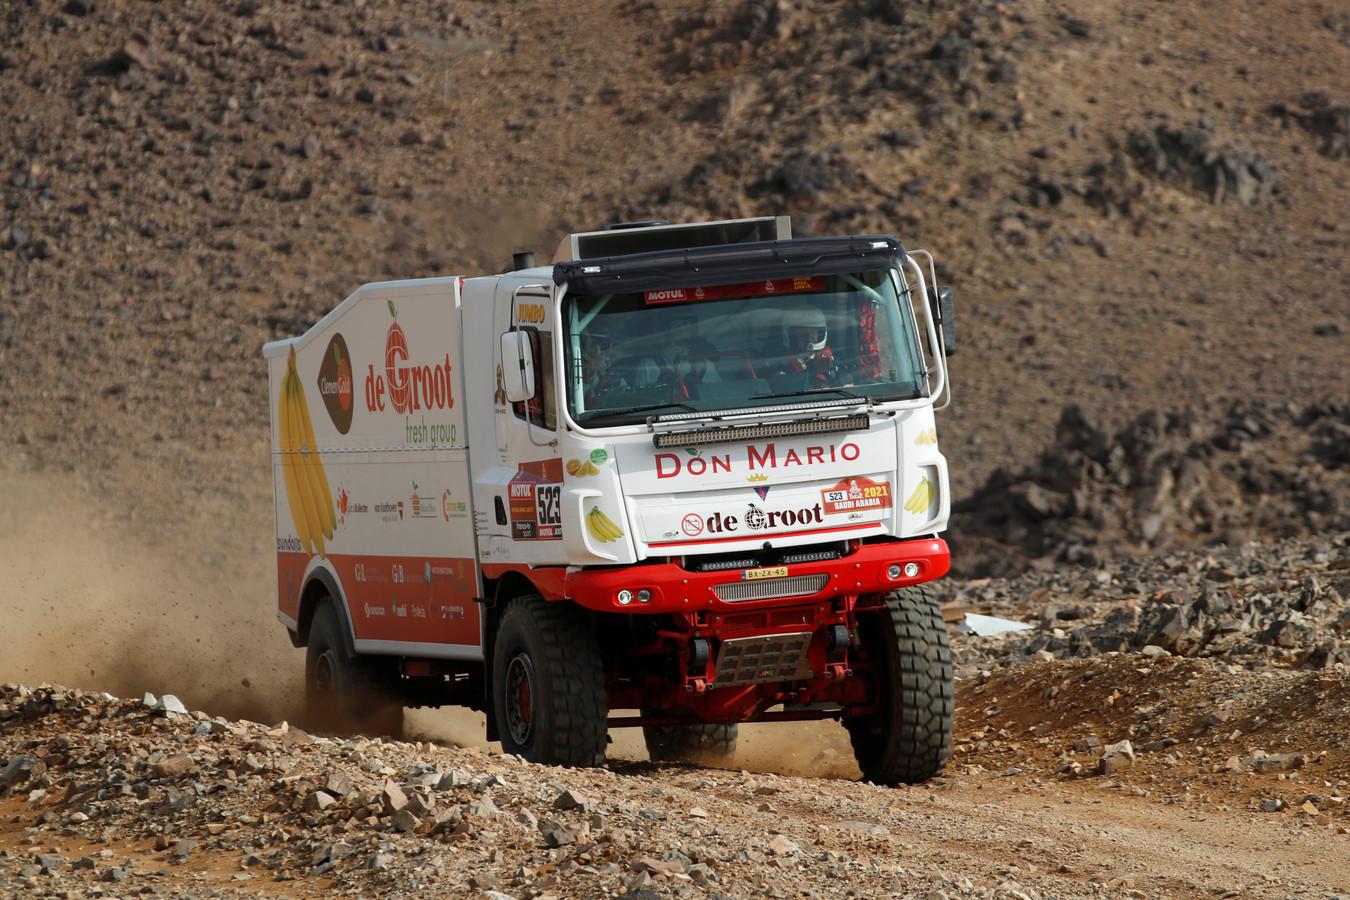 De truck van chauffeur William de Groot, navigator Marcel Snijders en monteur Bart Gloudemans tijdens de Dakar Rally van 2021 in Saoedi-Arabië.